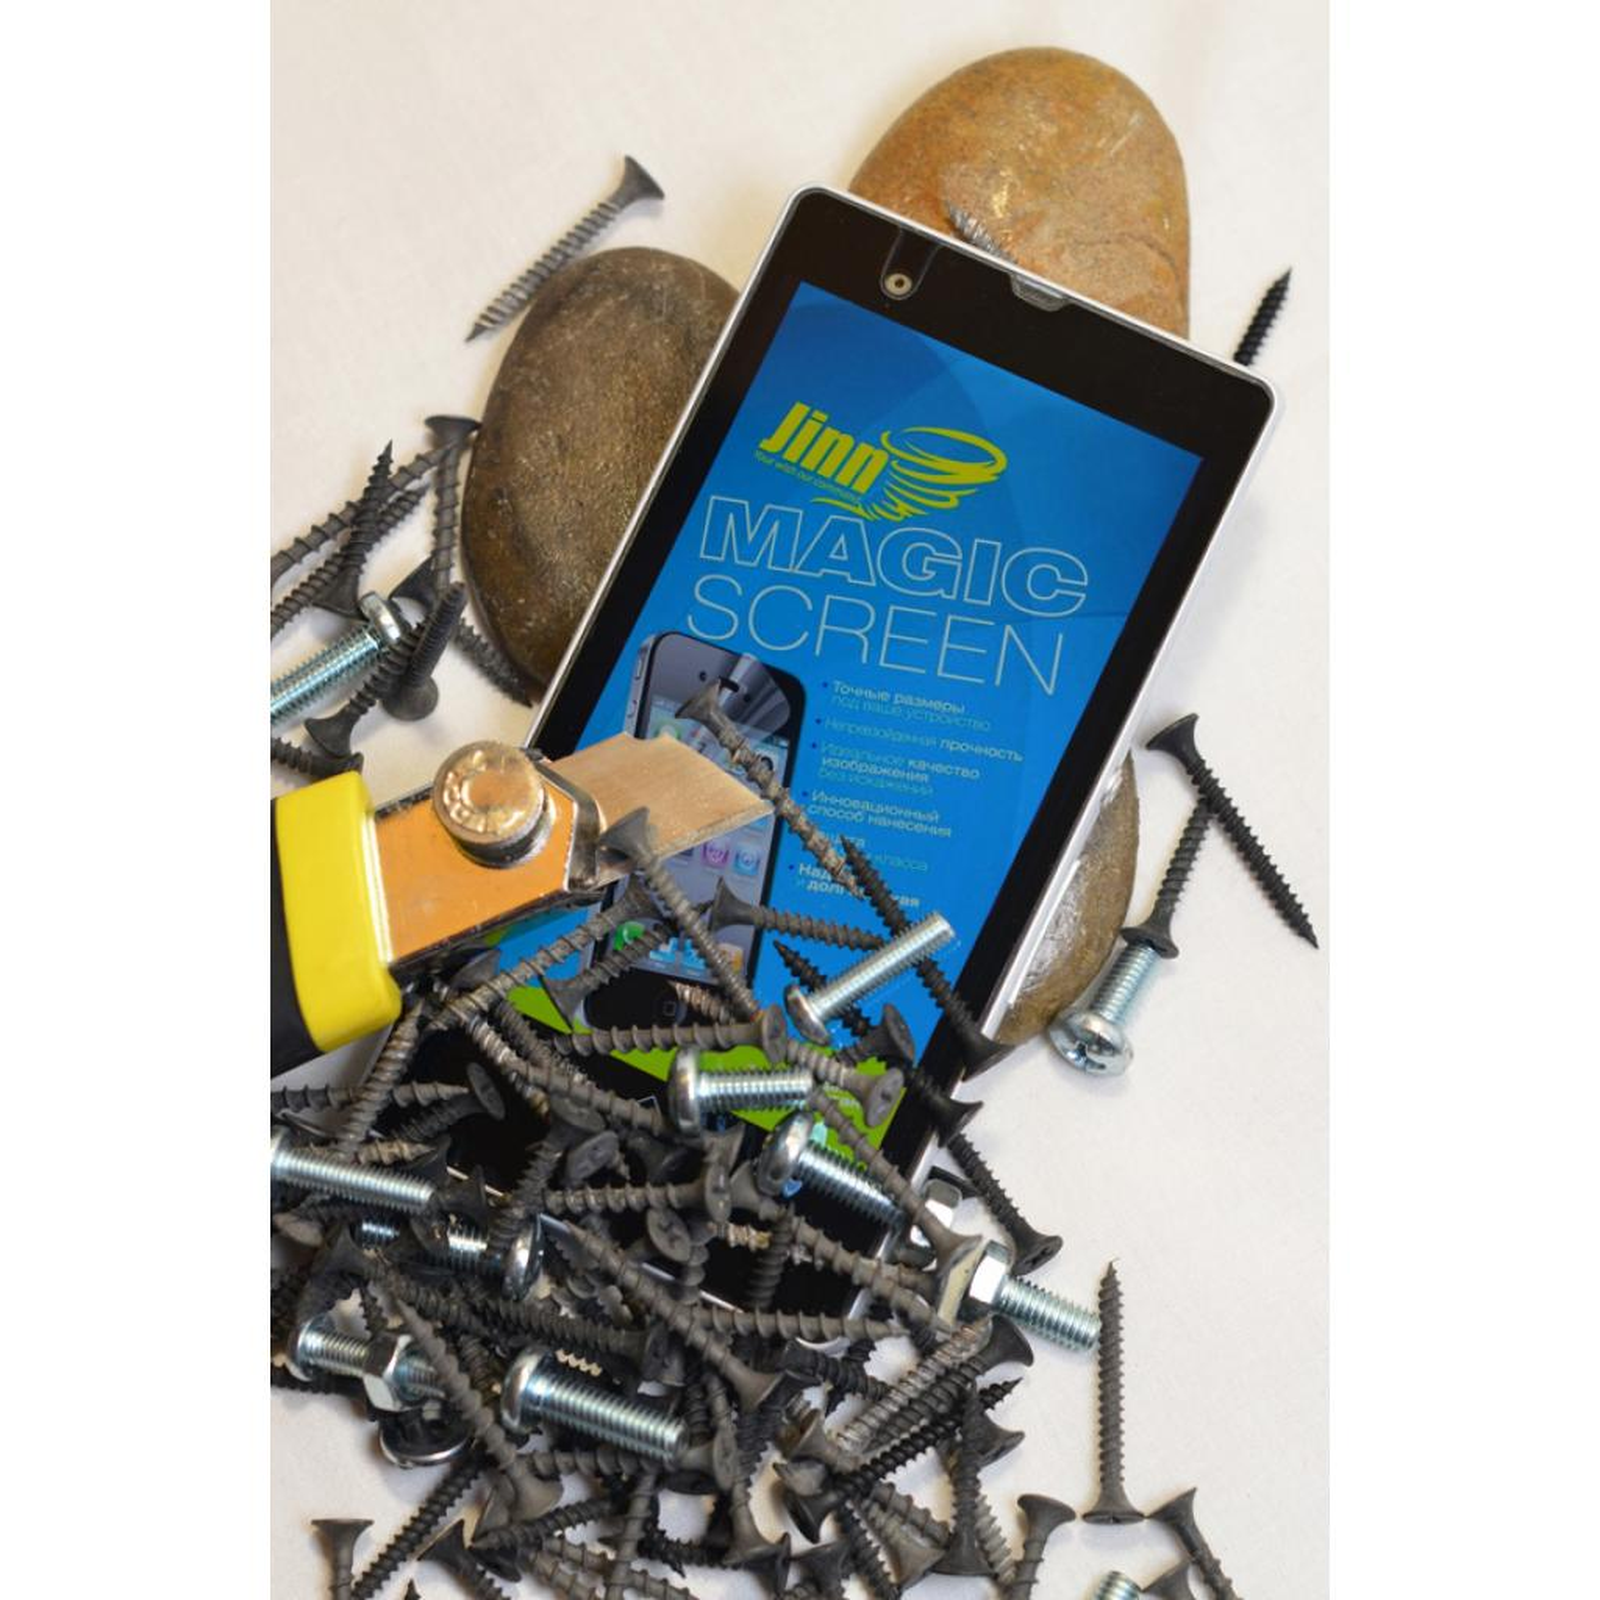 Пленка защитная JINN ультрапрочная Magic Screen для Prestigio MultiPhone 4055 (Prestigio MultiPhone 4055 front+back) изображение 2